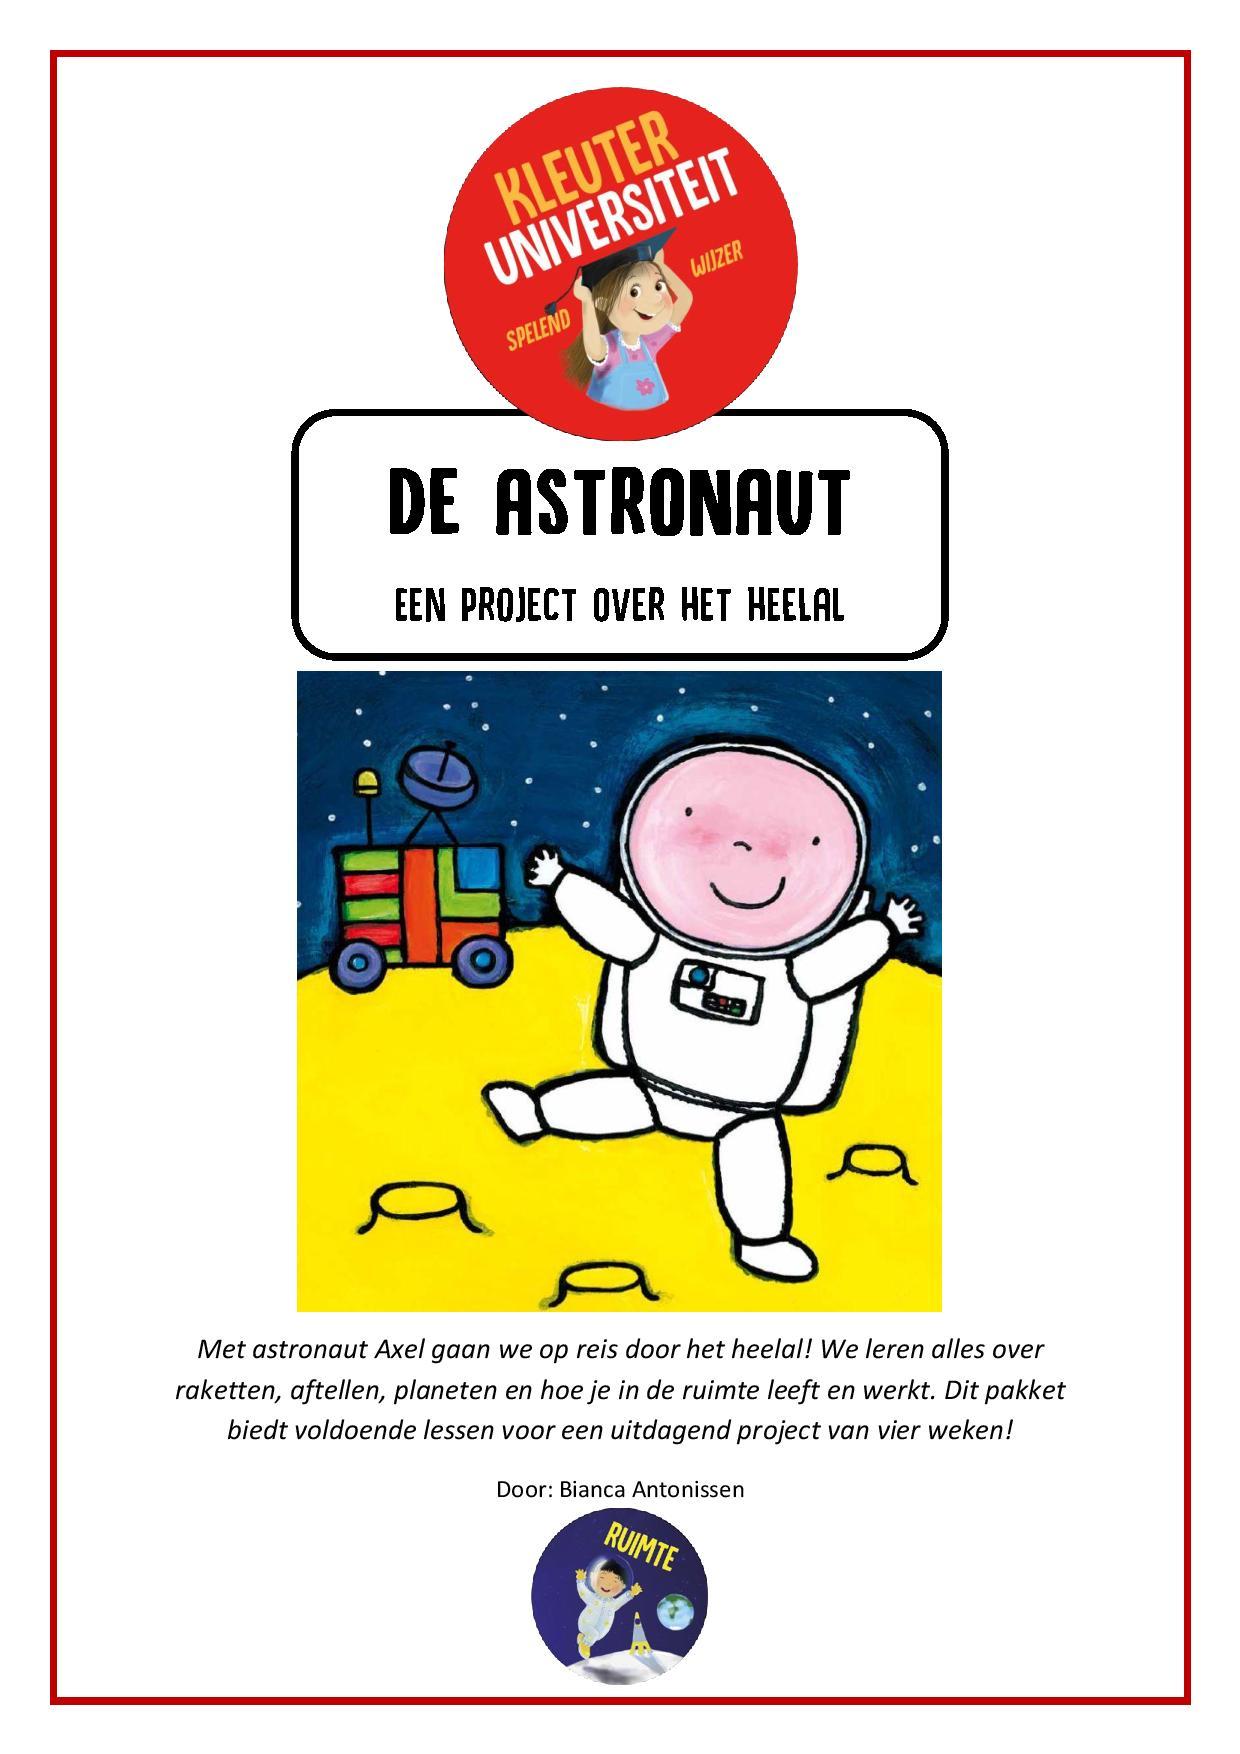 Astronaut - project van Juf Bianca bij Kleuteruniversiteit